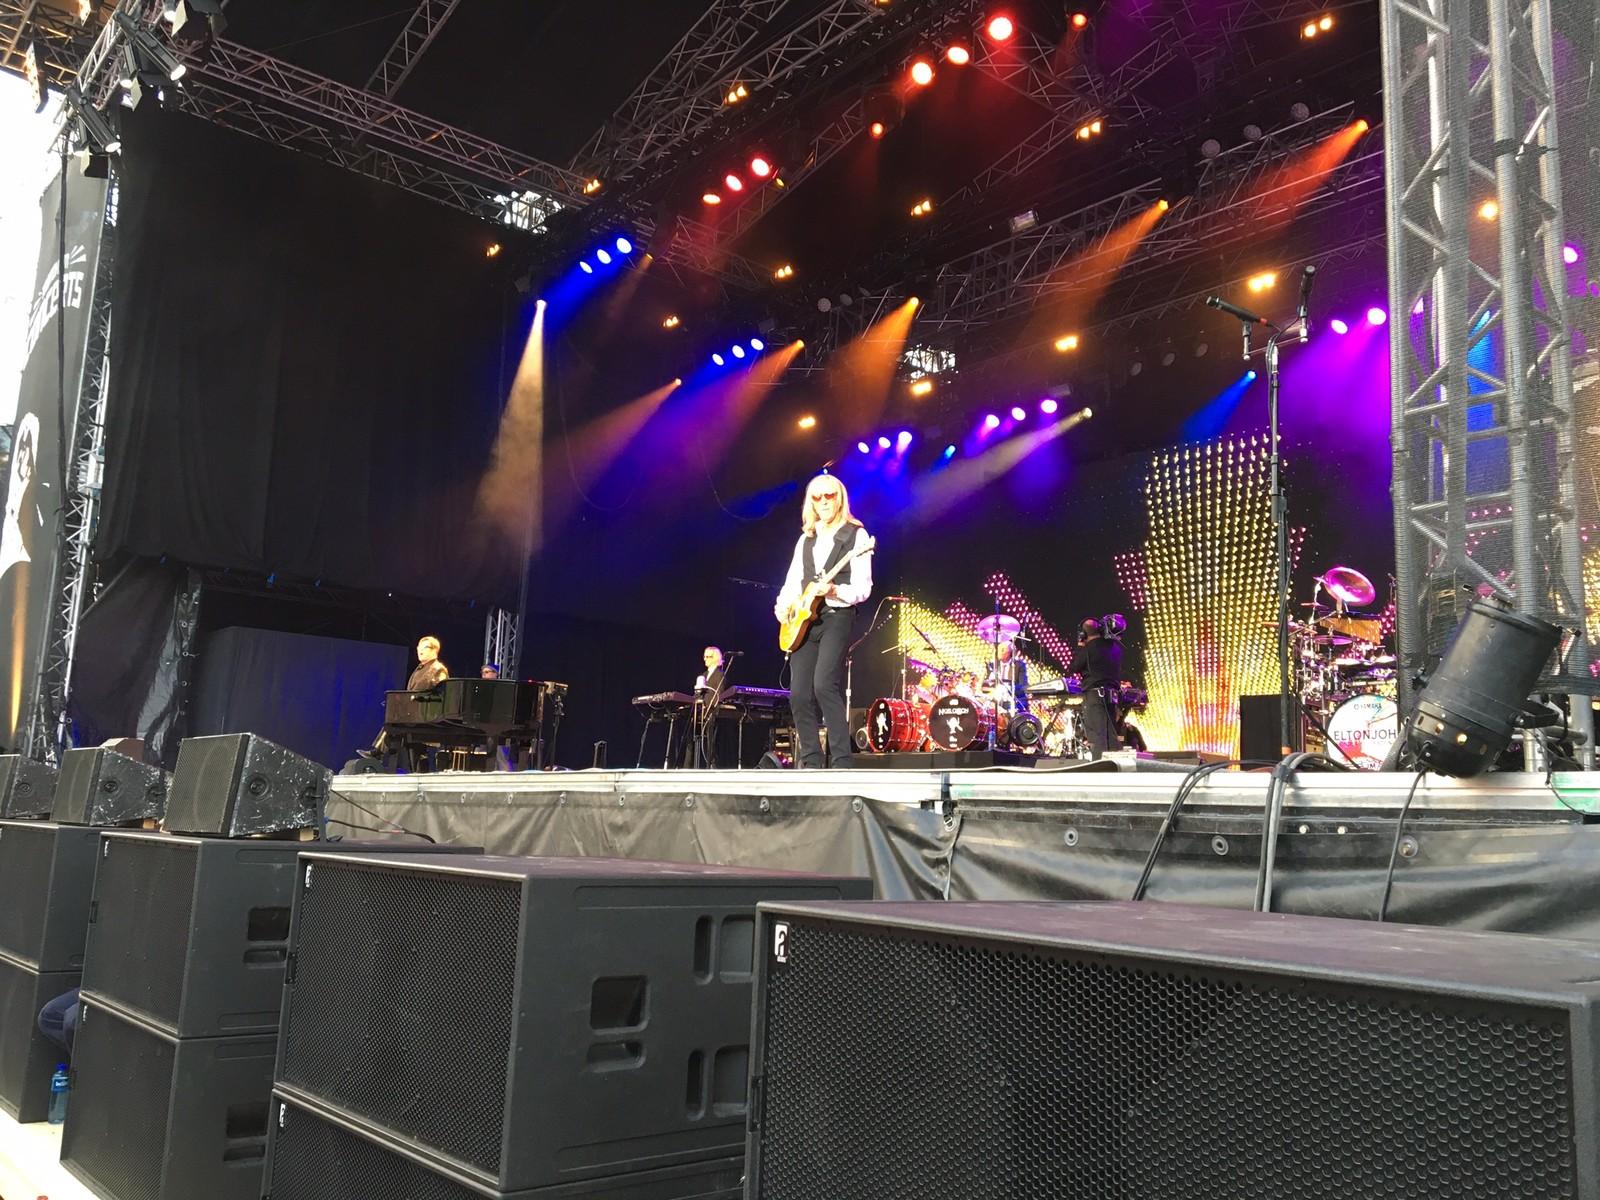 Gitaristen til Elton John, Davey Johnstone, har spelt i bandet til Elton John sidan starten i 1969.